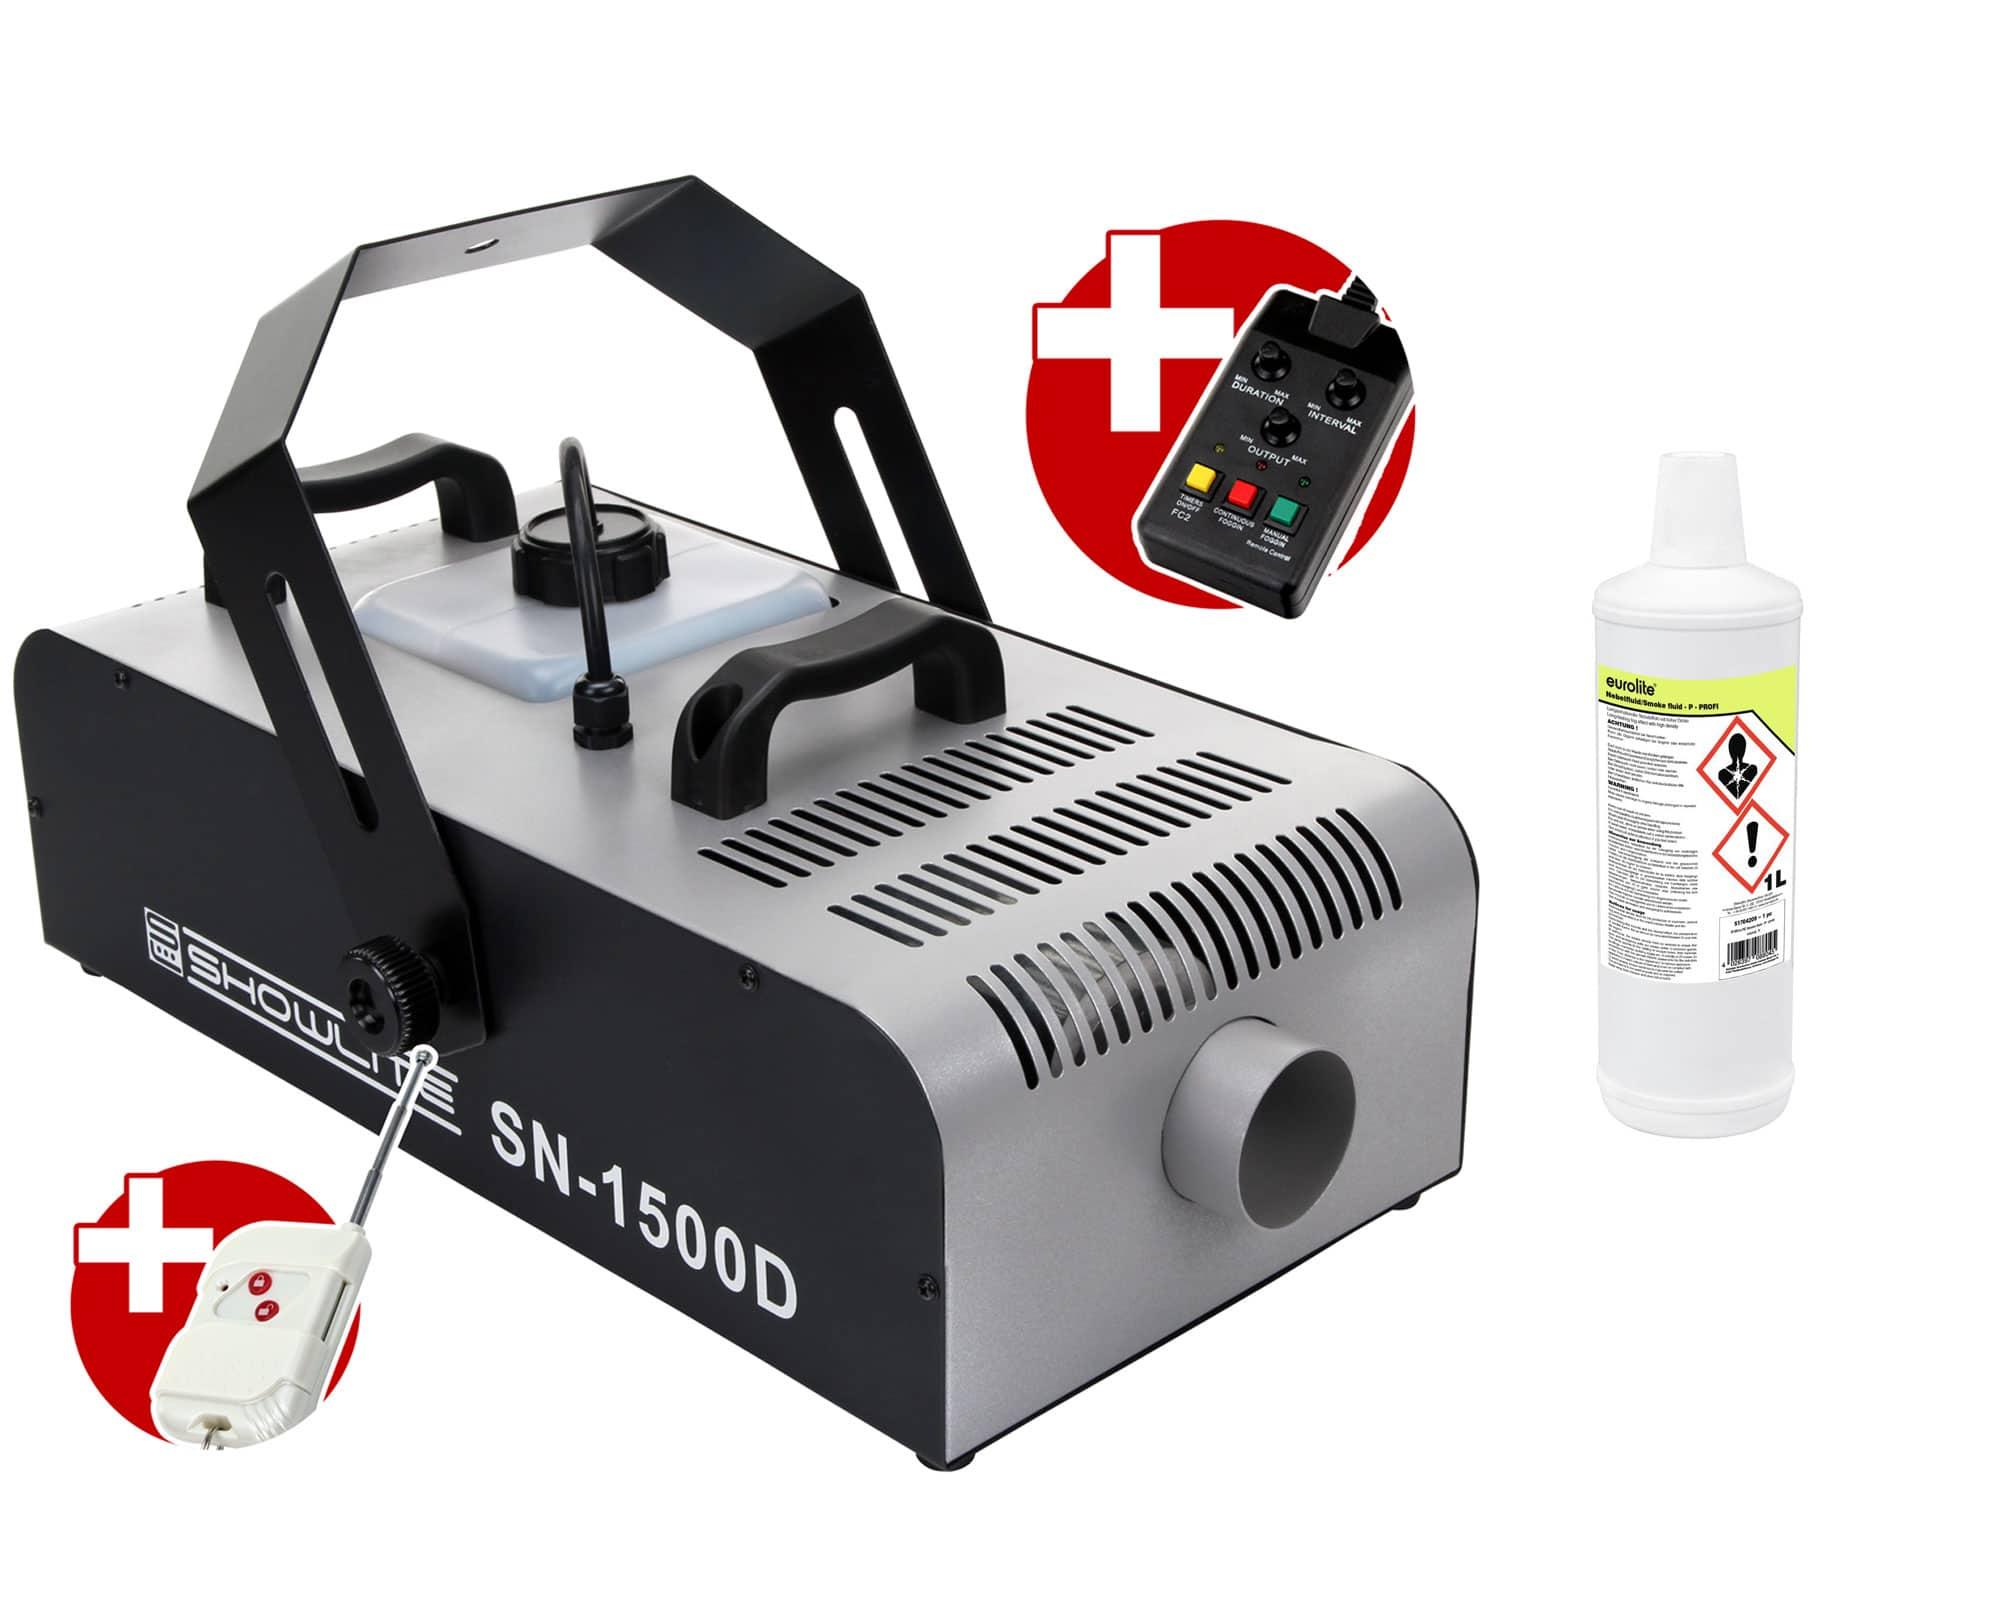 Nebeleffekte - Komplettset Showlite SN 1500D DMX Nebelmaschine 1500W inkl. Fernbedienung mit Timer 1 L Nebelfluid - Onlineshop Musikhaus Kirstein